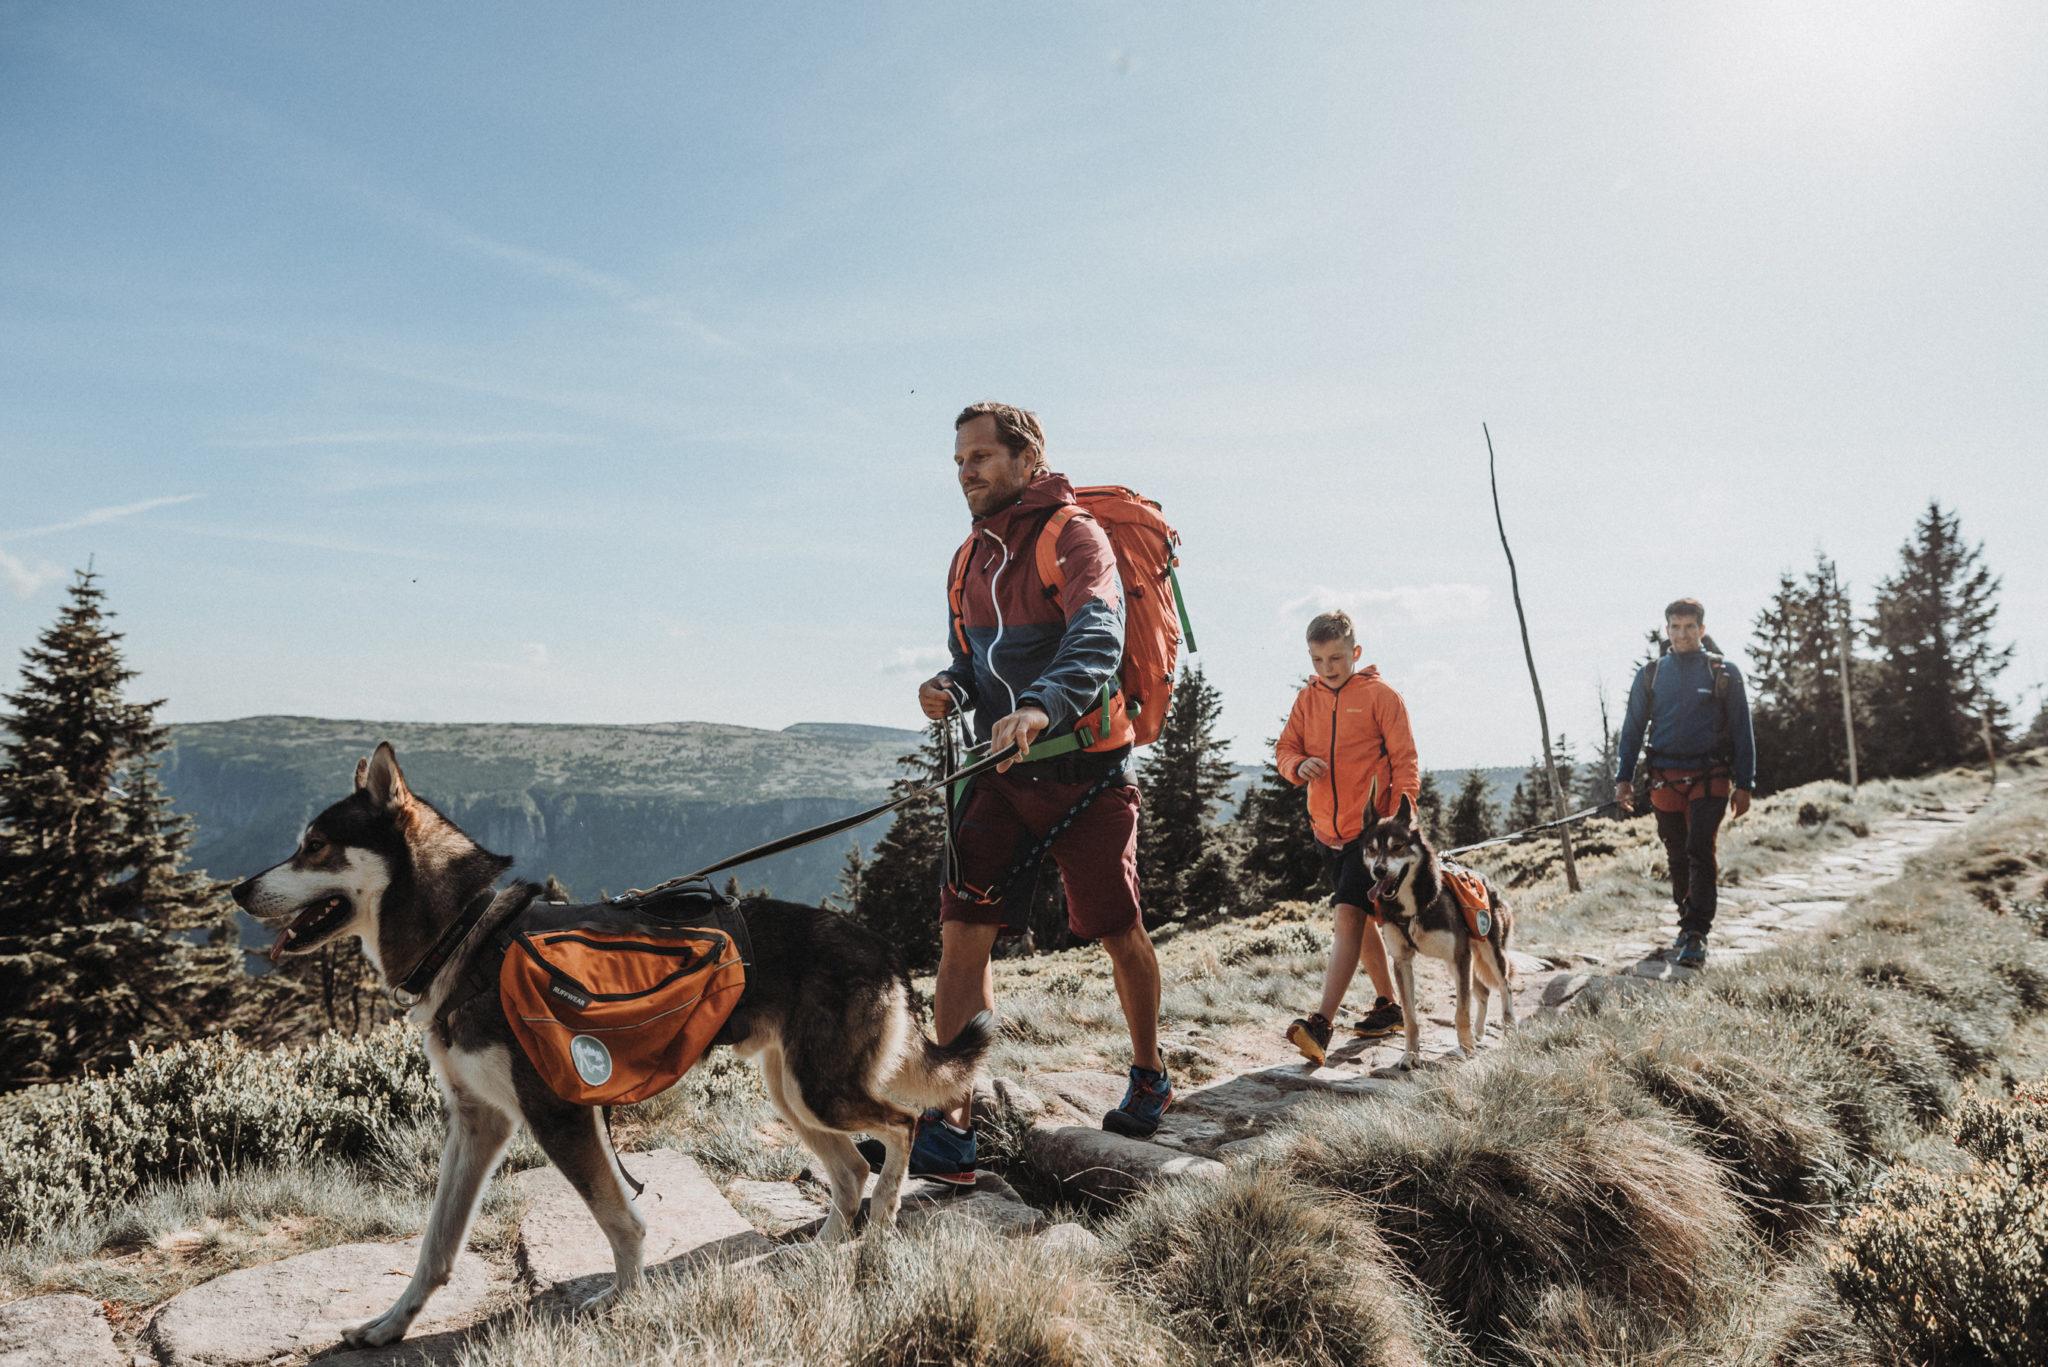 Svenja und Ben Fotografie Focus Magazin Homer Orthovox Axel Winter Sogtrekking Trekking